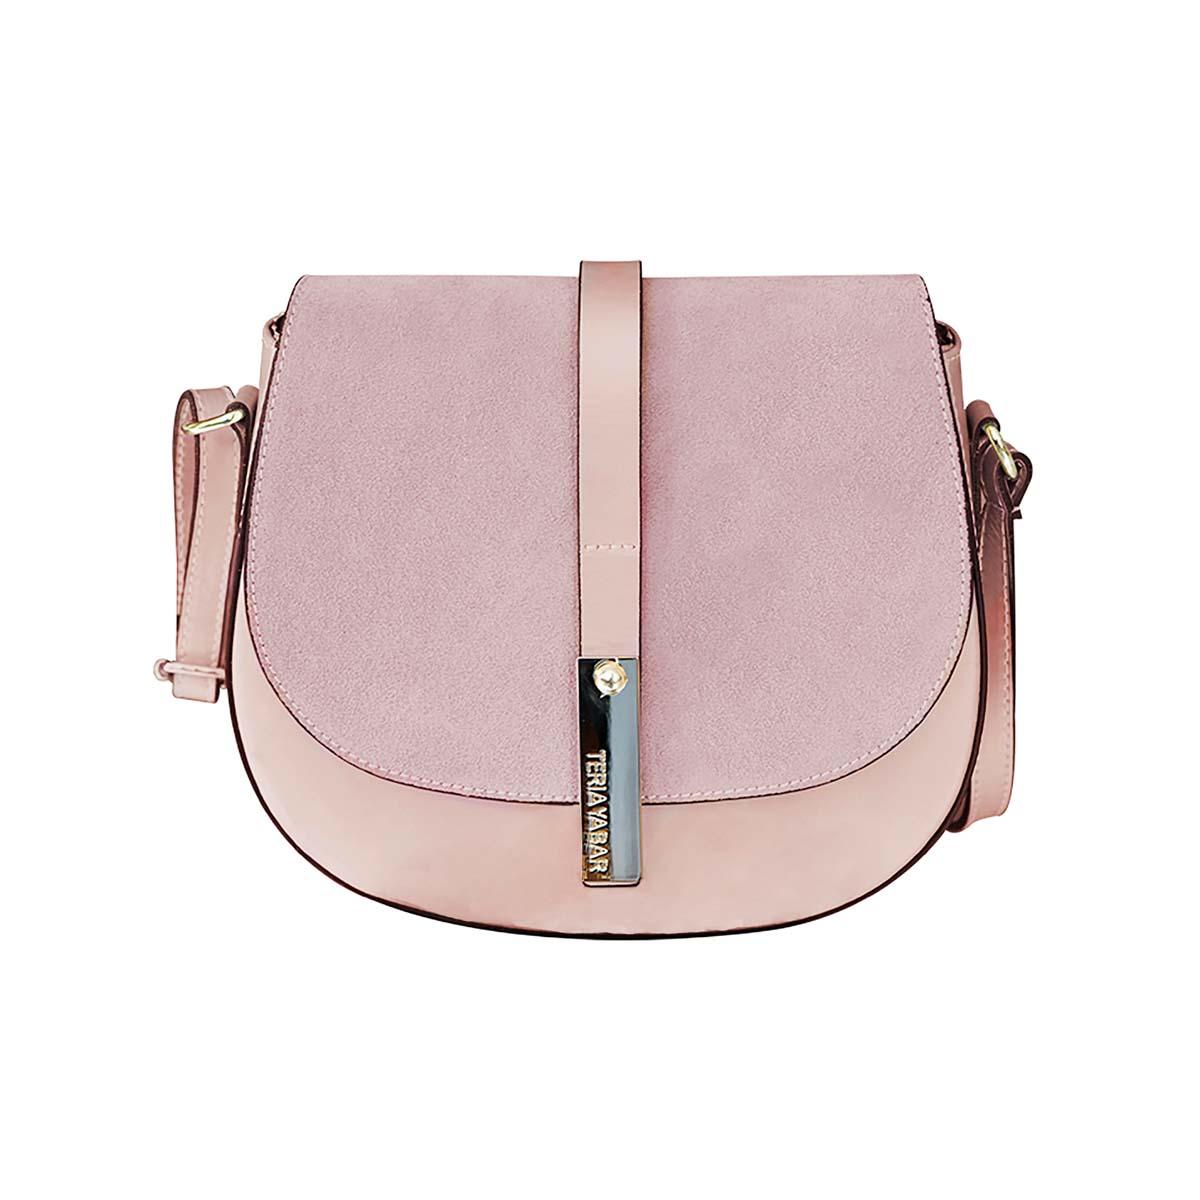 Teria Yabar - Bolso bandolera rosa